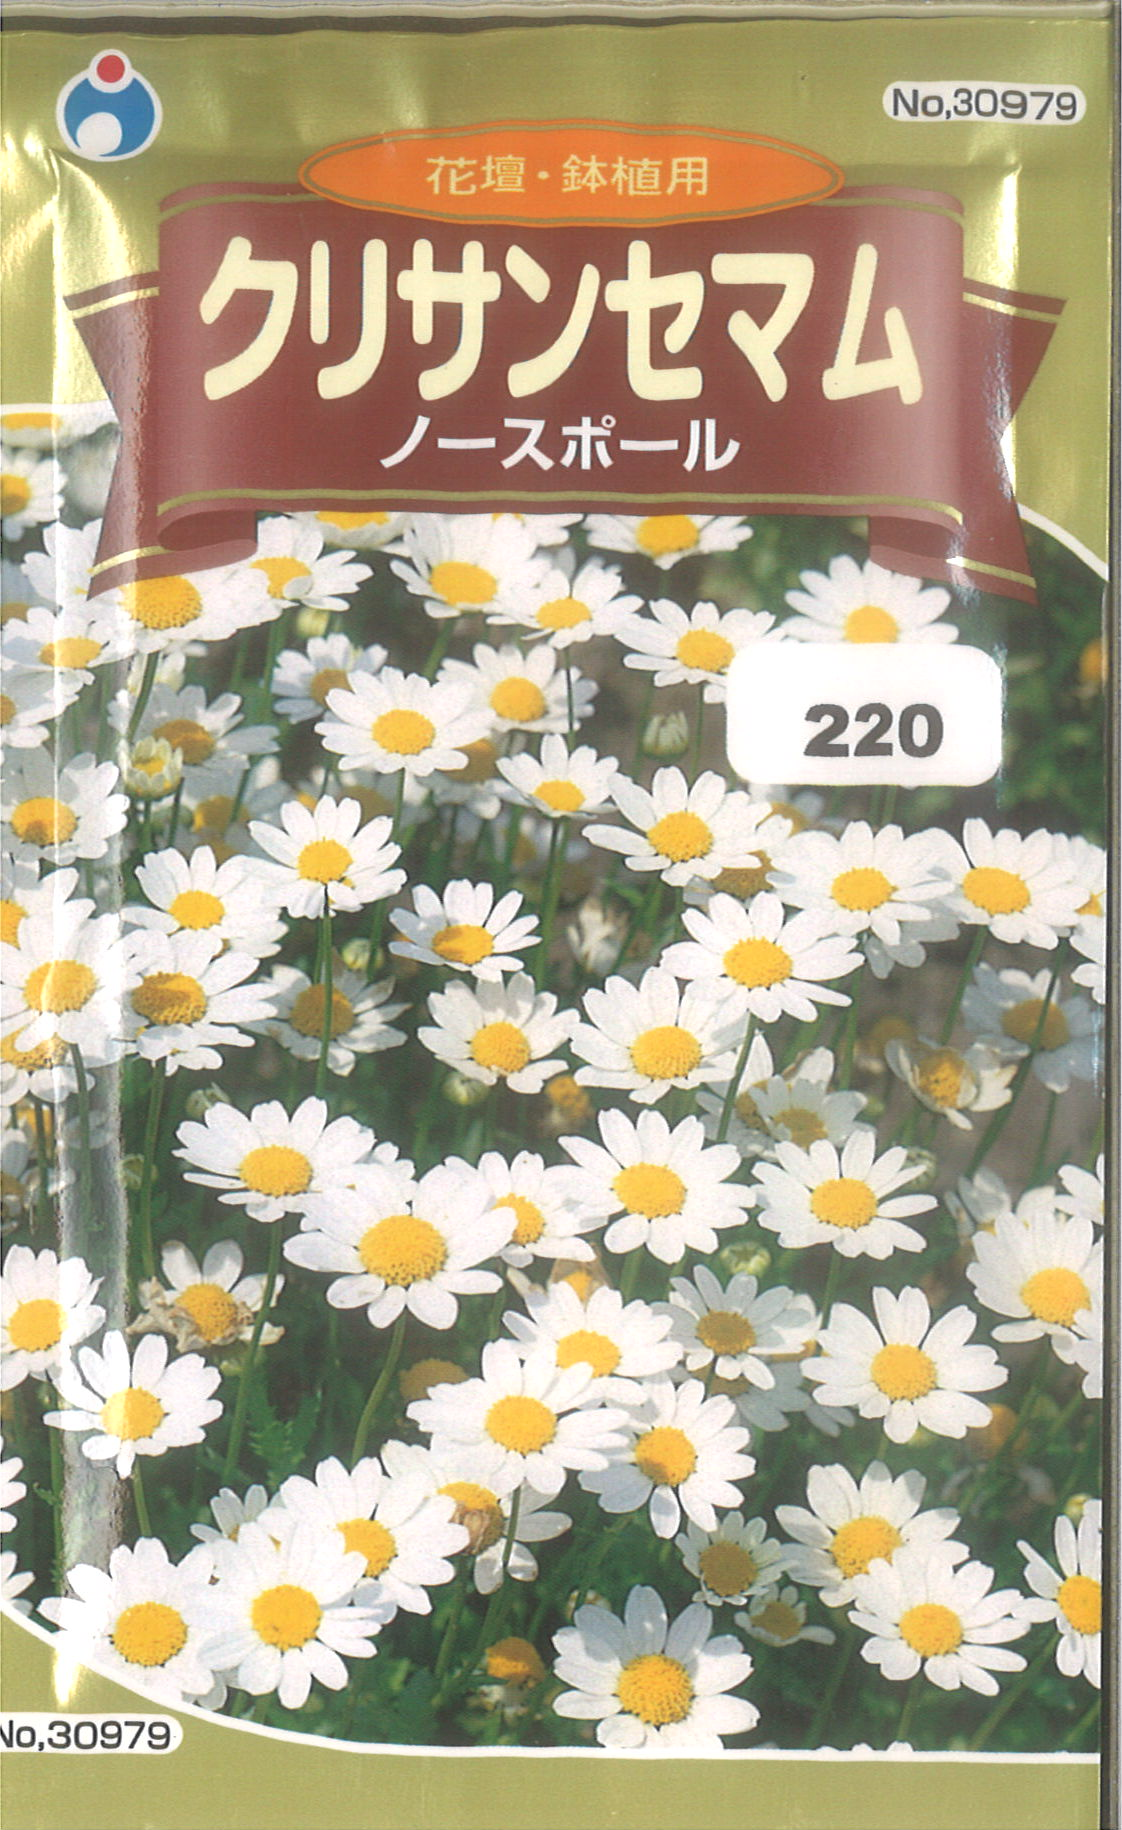 【代引不可】【5袋まで送料80円】□クリサンセマム ノースポール